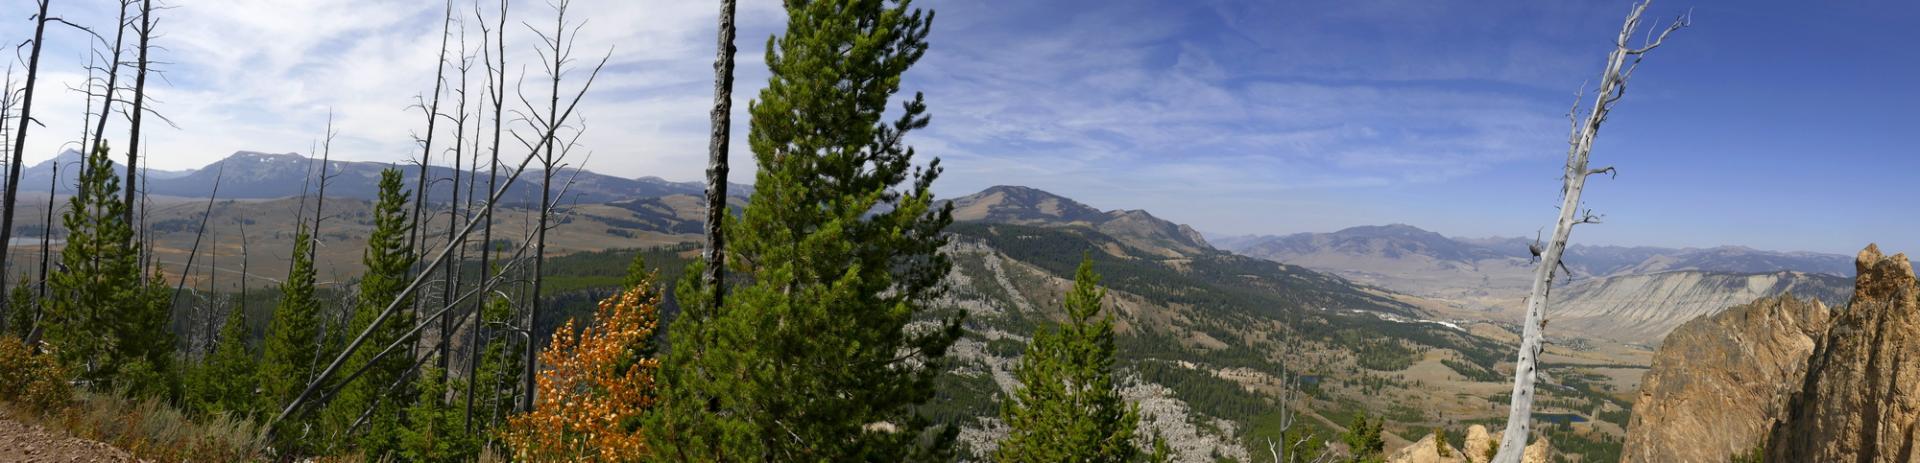 Mont bunsen 8564 pieds